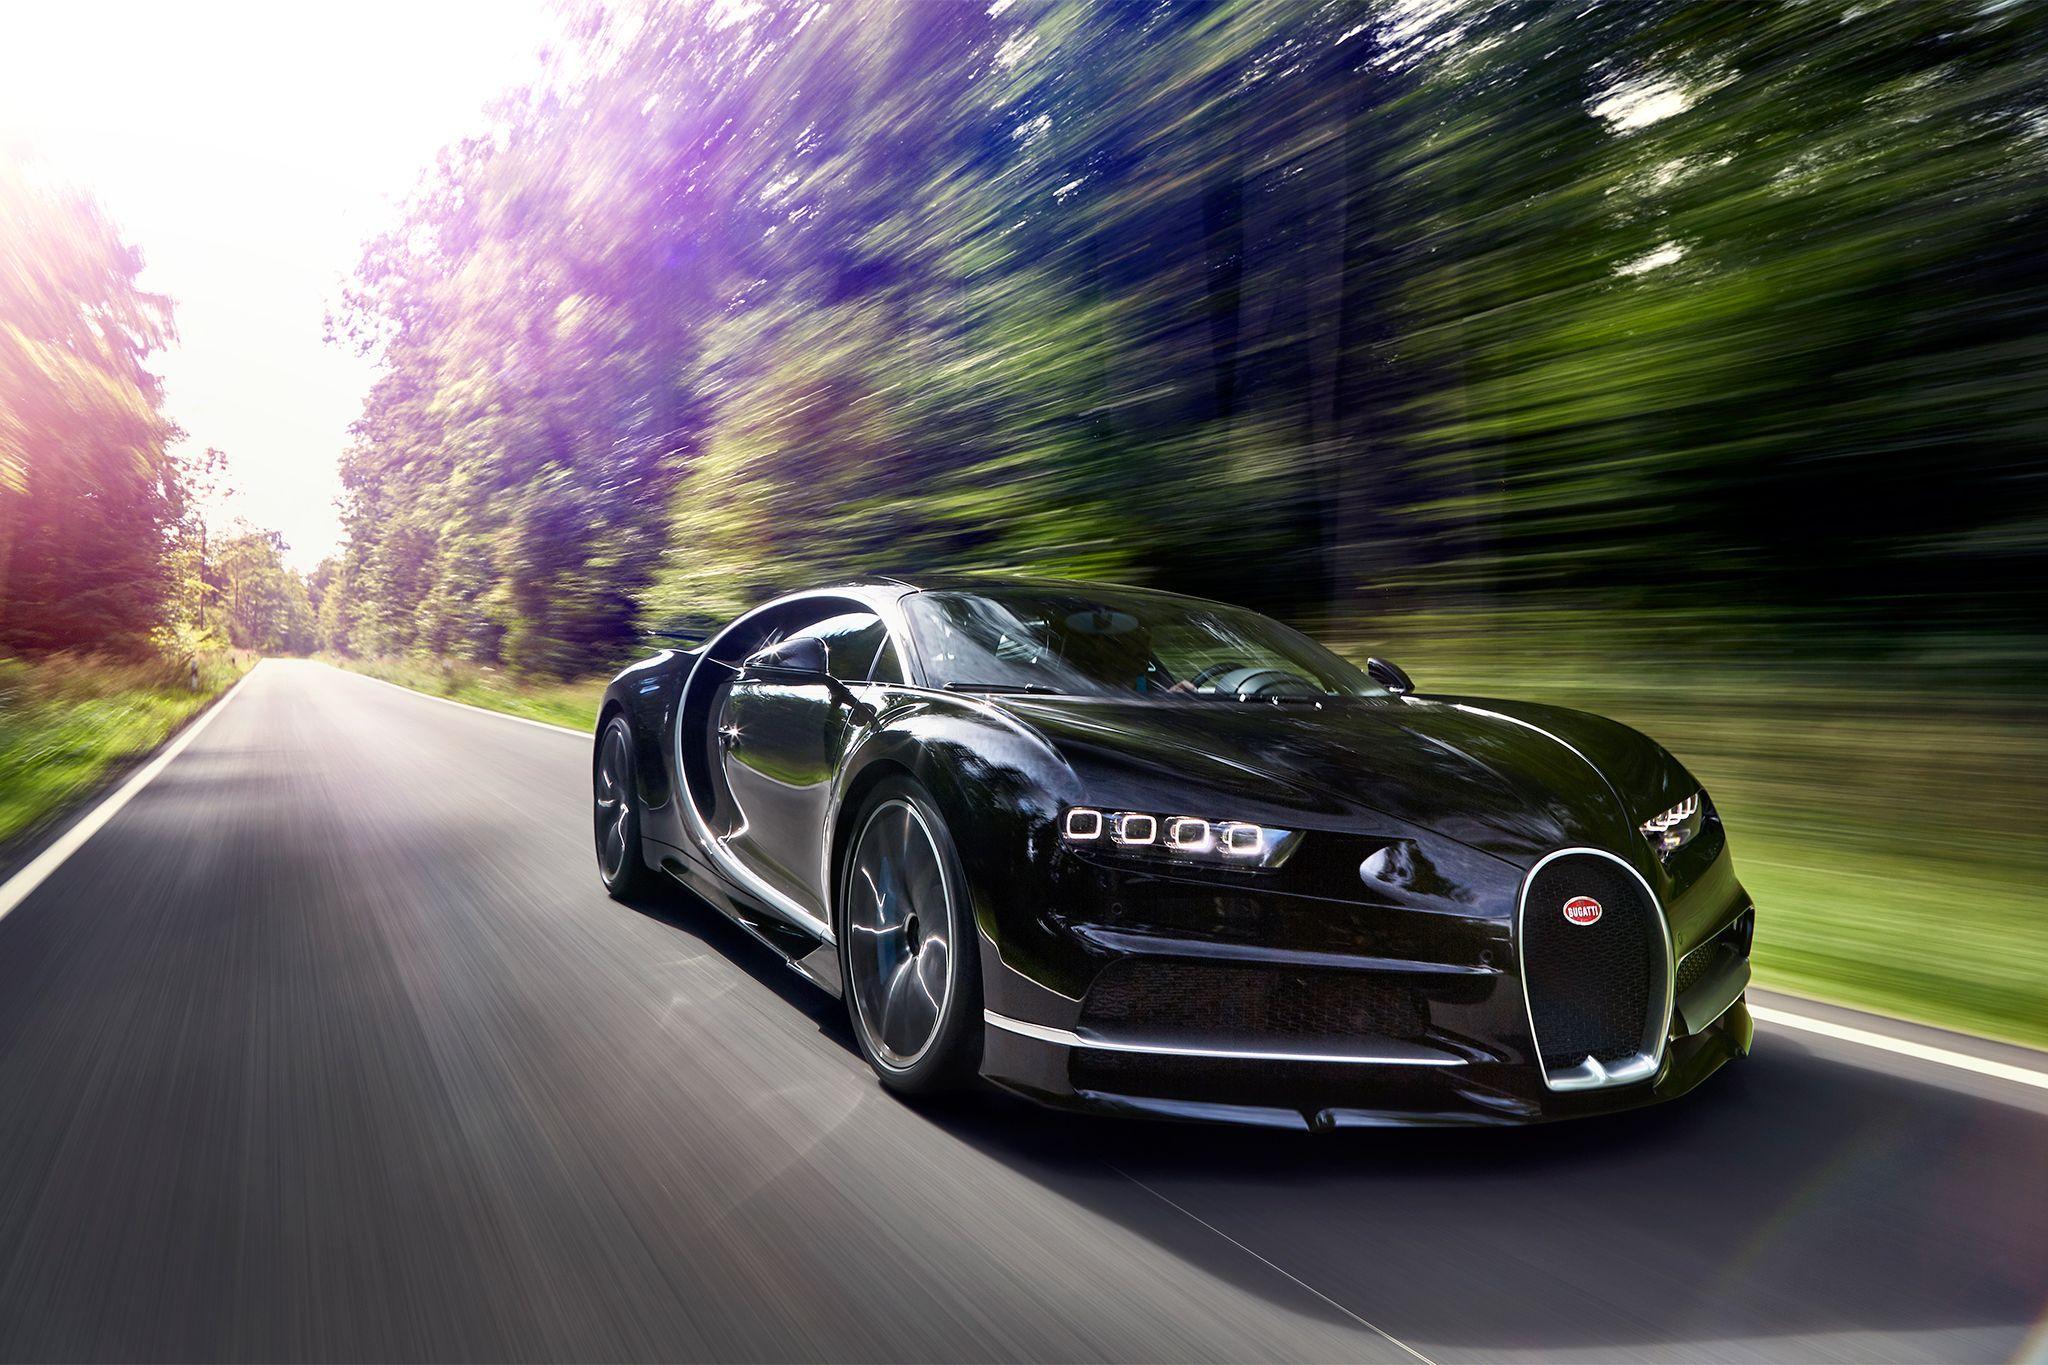 Bugatti Chiron 4k Wallpapers Top Free Bugatti Chiron 4k Backgrounds Wallpaperaccess